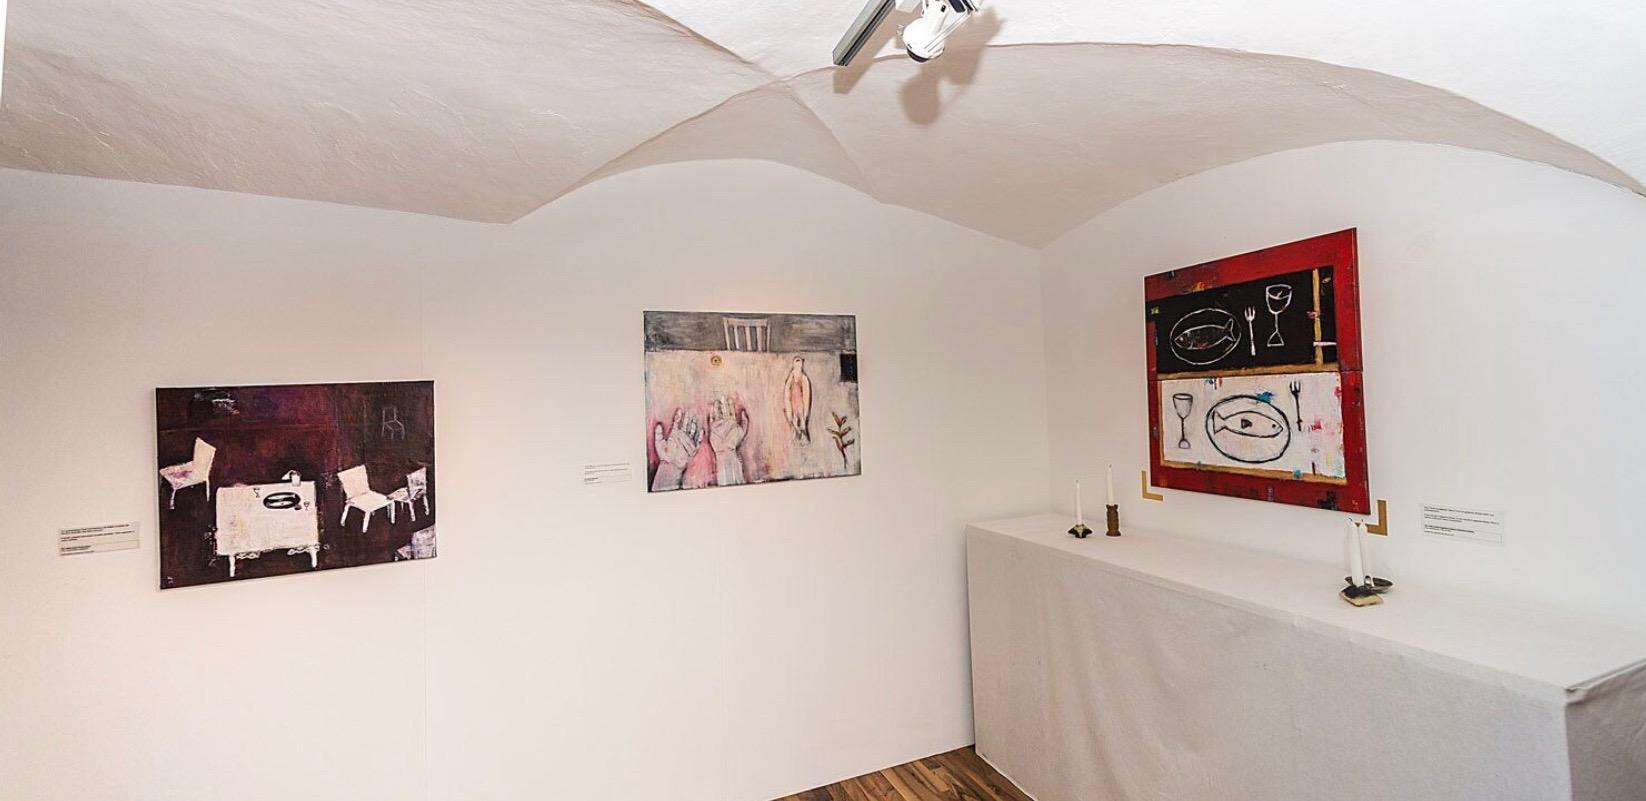 10 - Exhibition Gallery Hofburg 10/2017 1